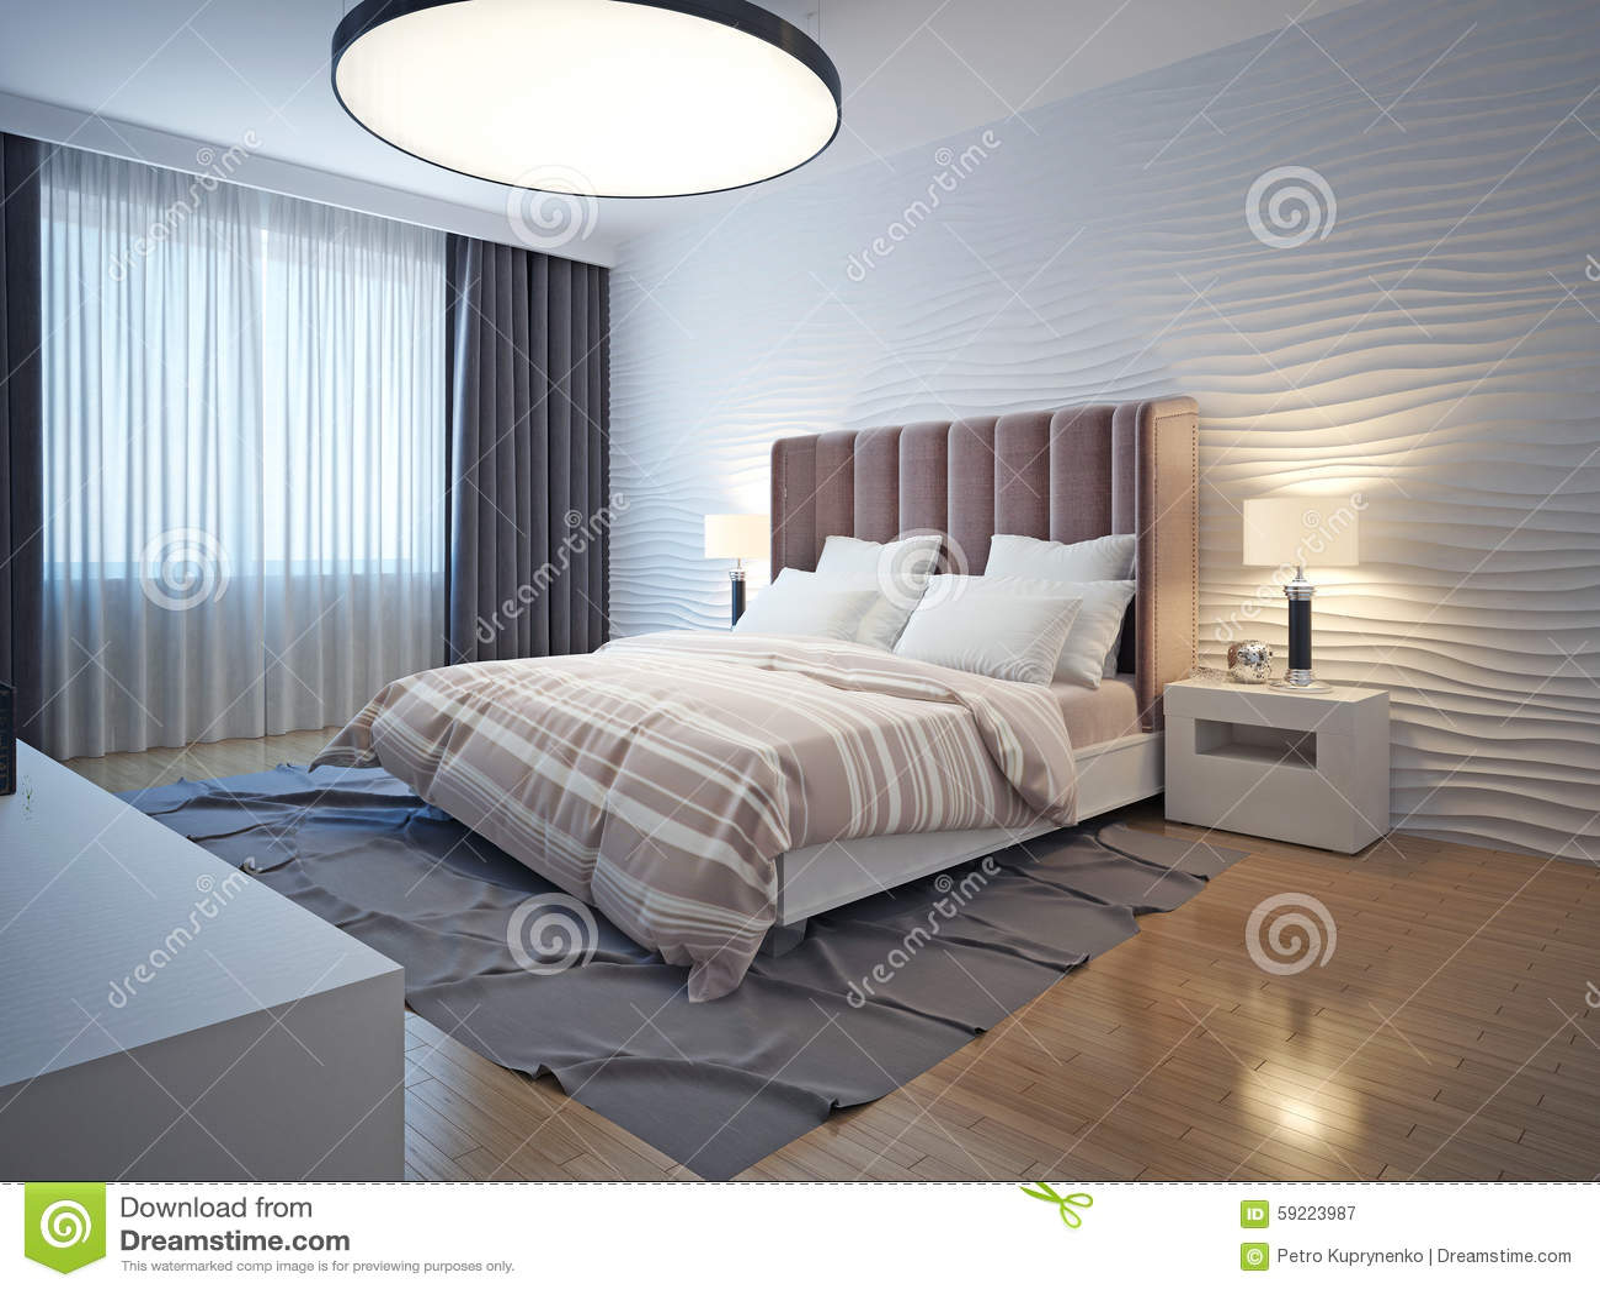 La Lumière Modifie La Tonalité L Intérieur Moderne De Chambre à Coucher